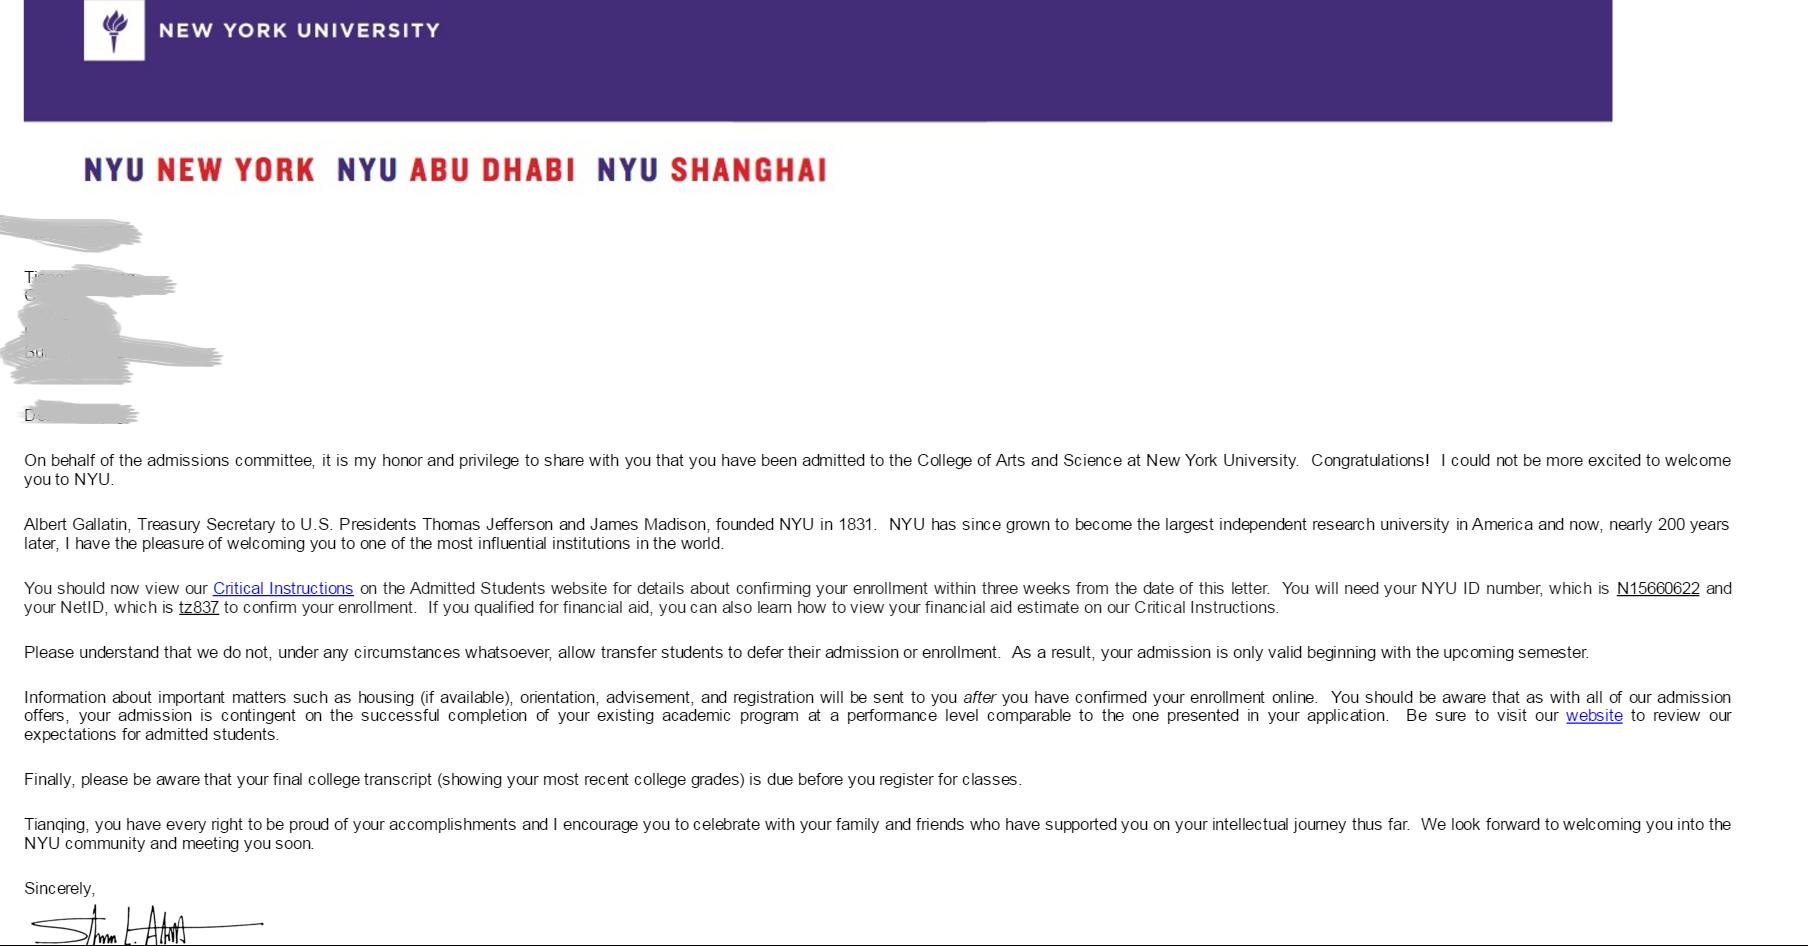 GPA不足3.0,共同努力,照样拿下纽约大学录取!